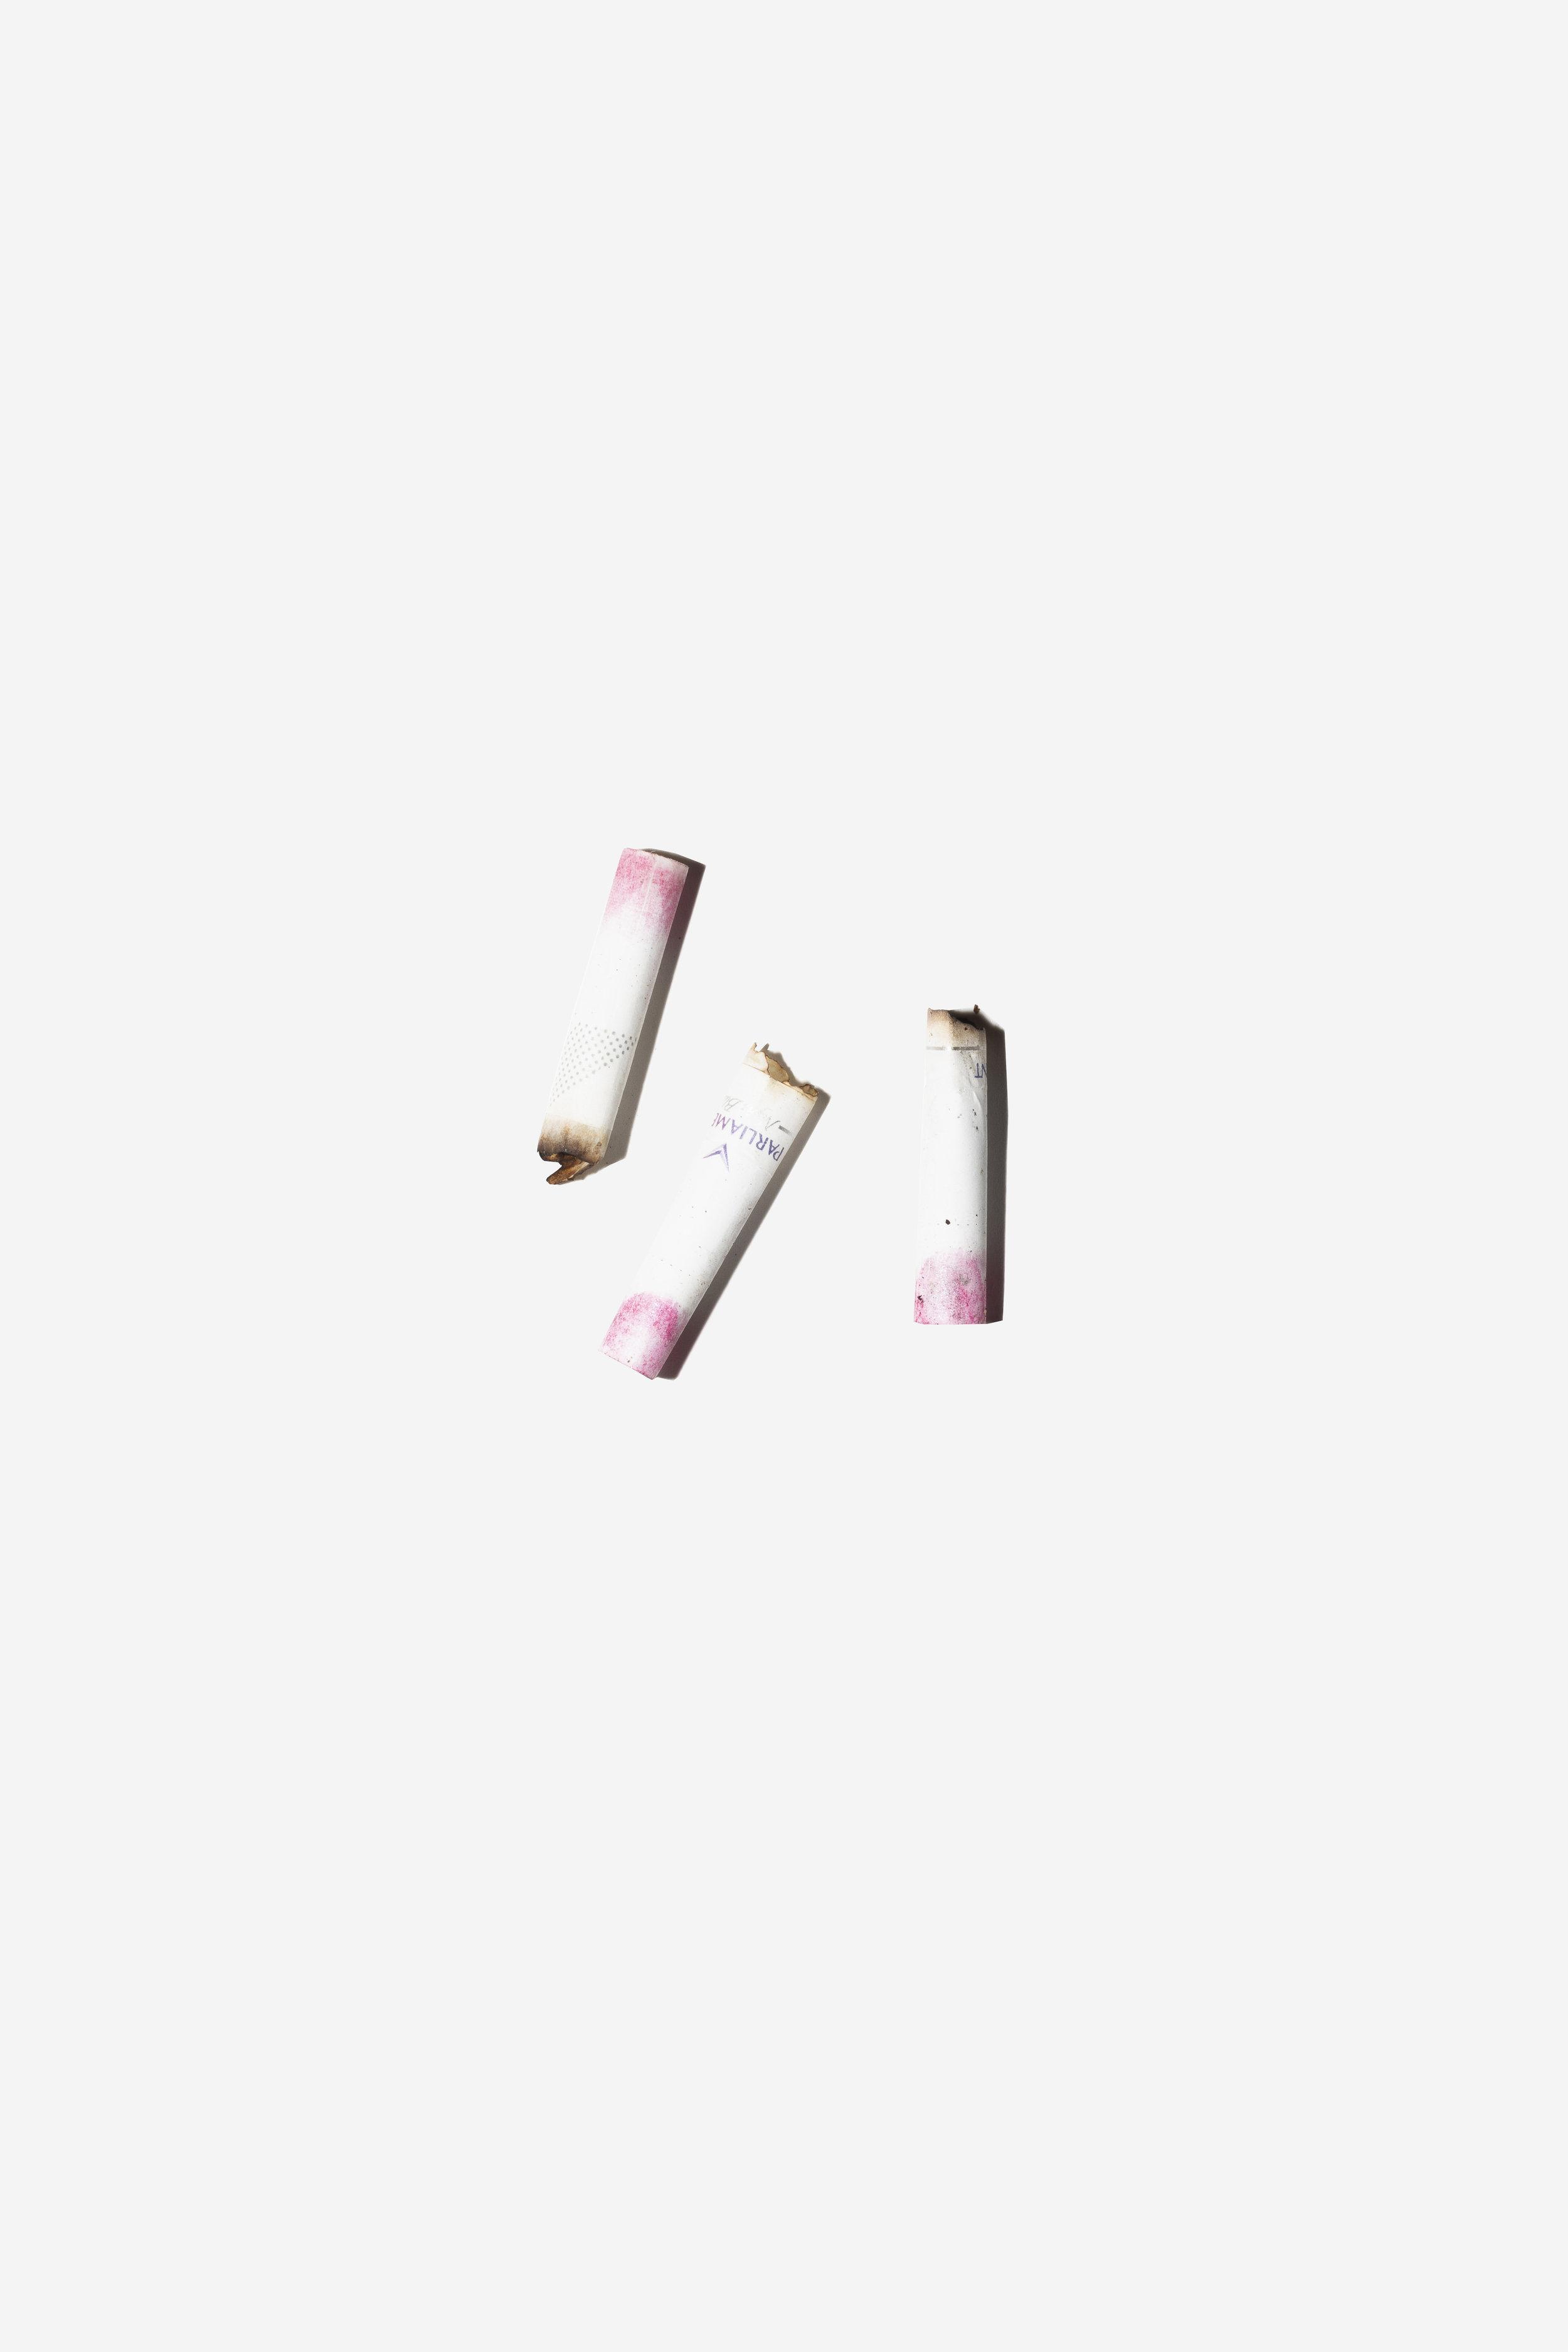 Zigaretten mit Lippenstift